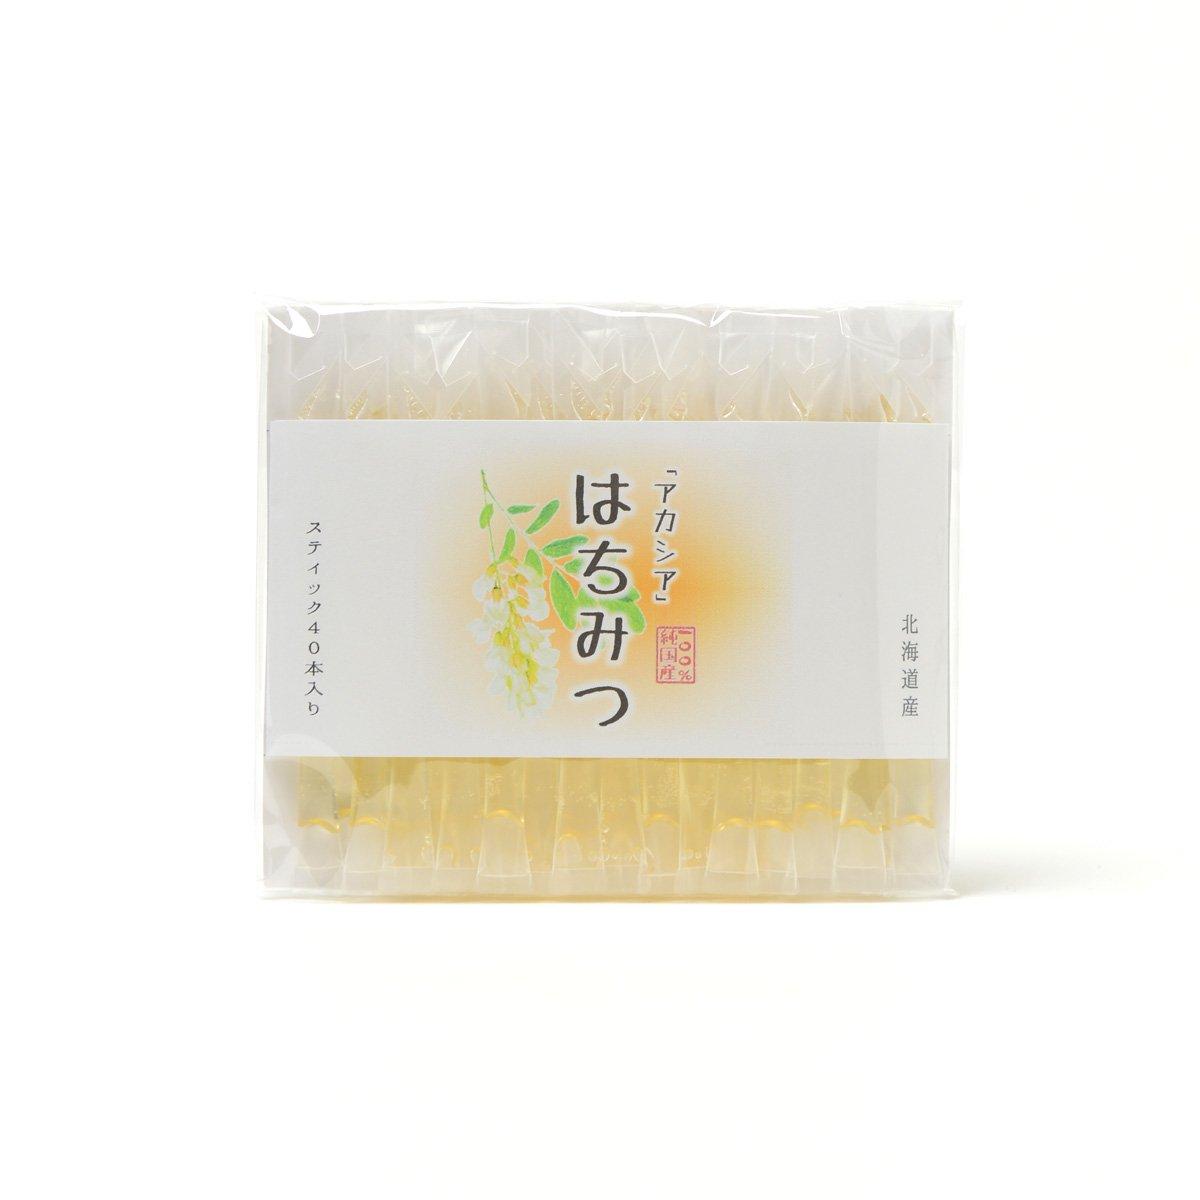 北海道産スティック蜂蜜 アカシア 2.5g×40本